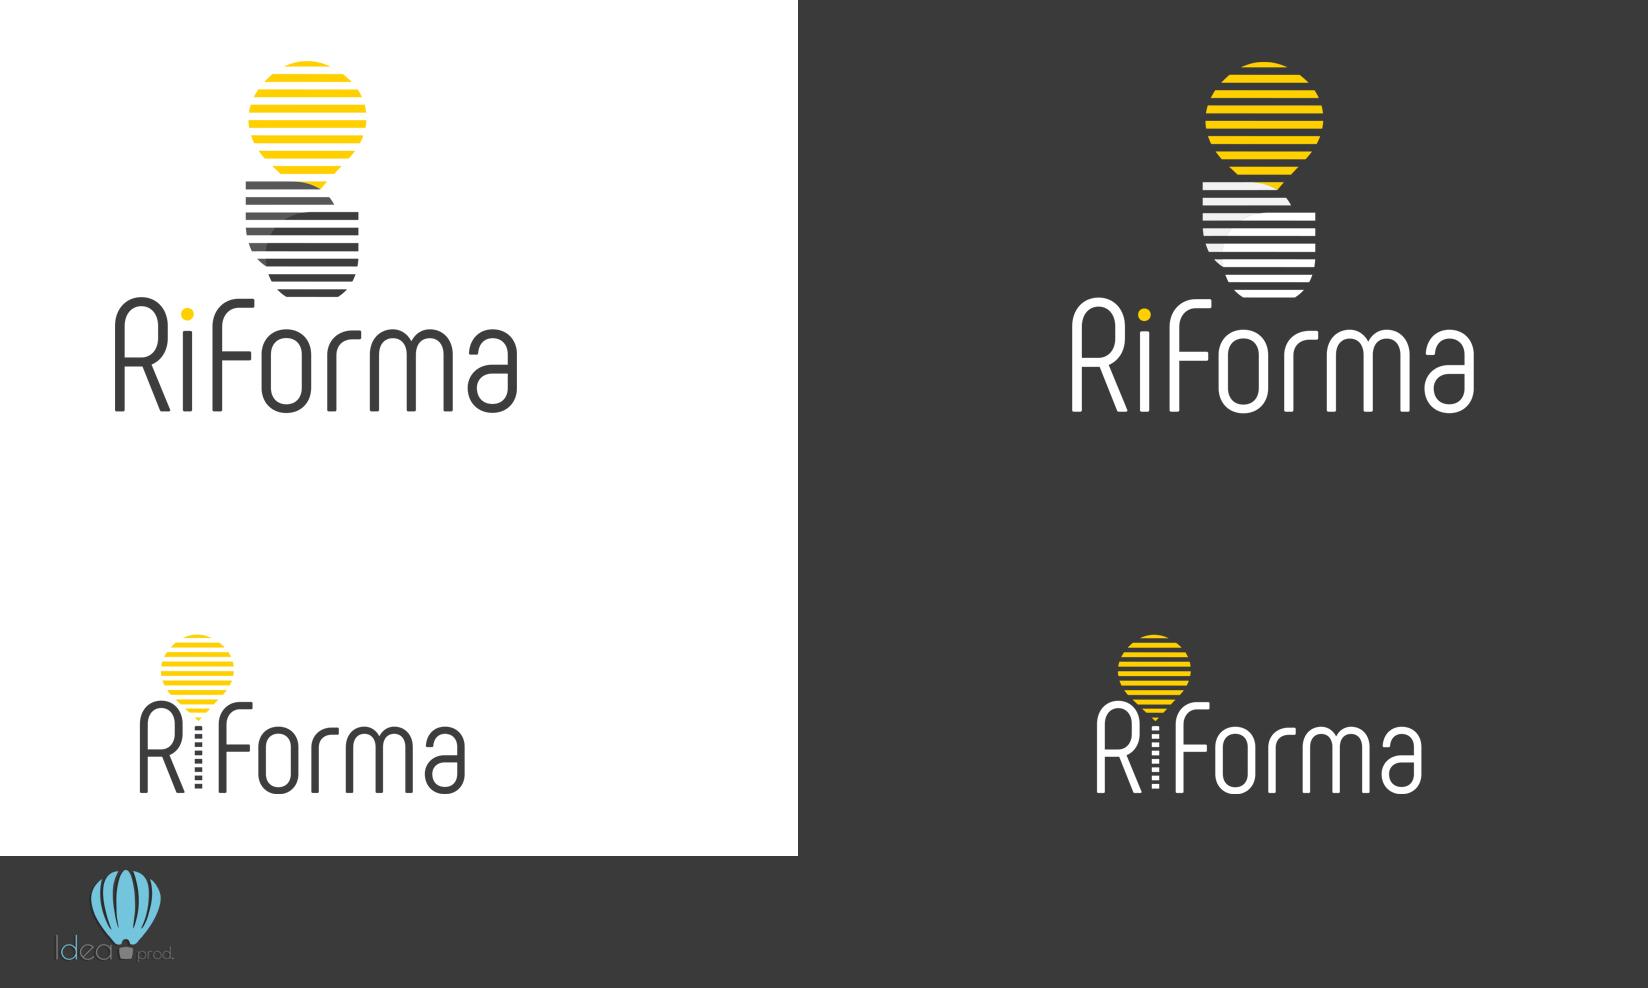 Разработка логотипа и элементов фирменного стиля фото f_00157938ec98383e.jpg